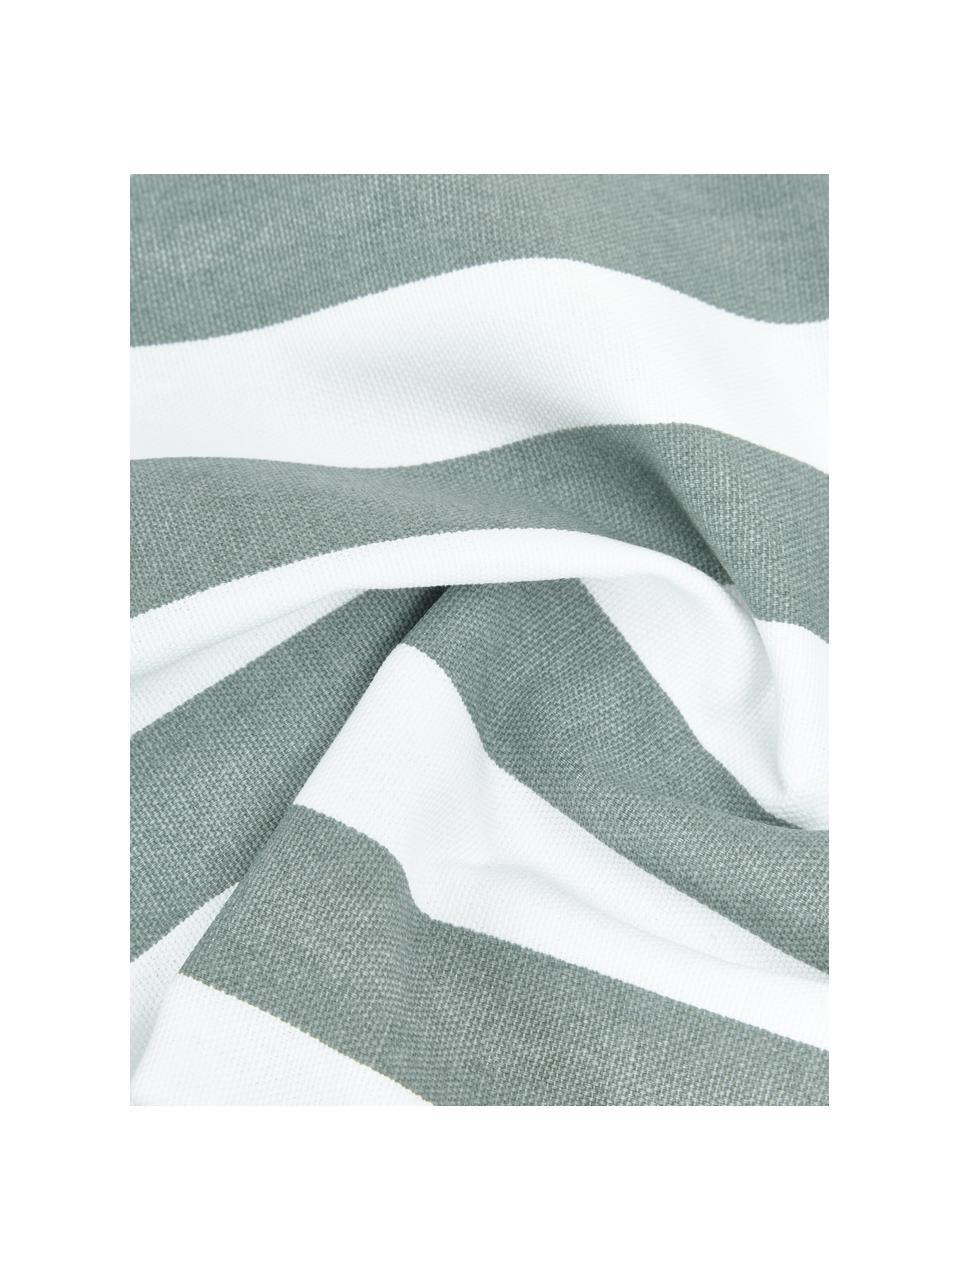 Gestreifte Kissenhülle Timon in Salbeigrün/Weiß, 100% Baumwolle, Grün, 30 x 50 cm